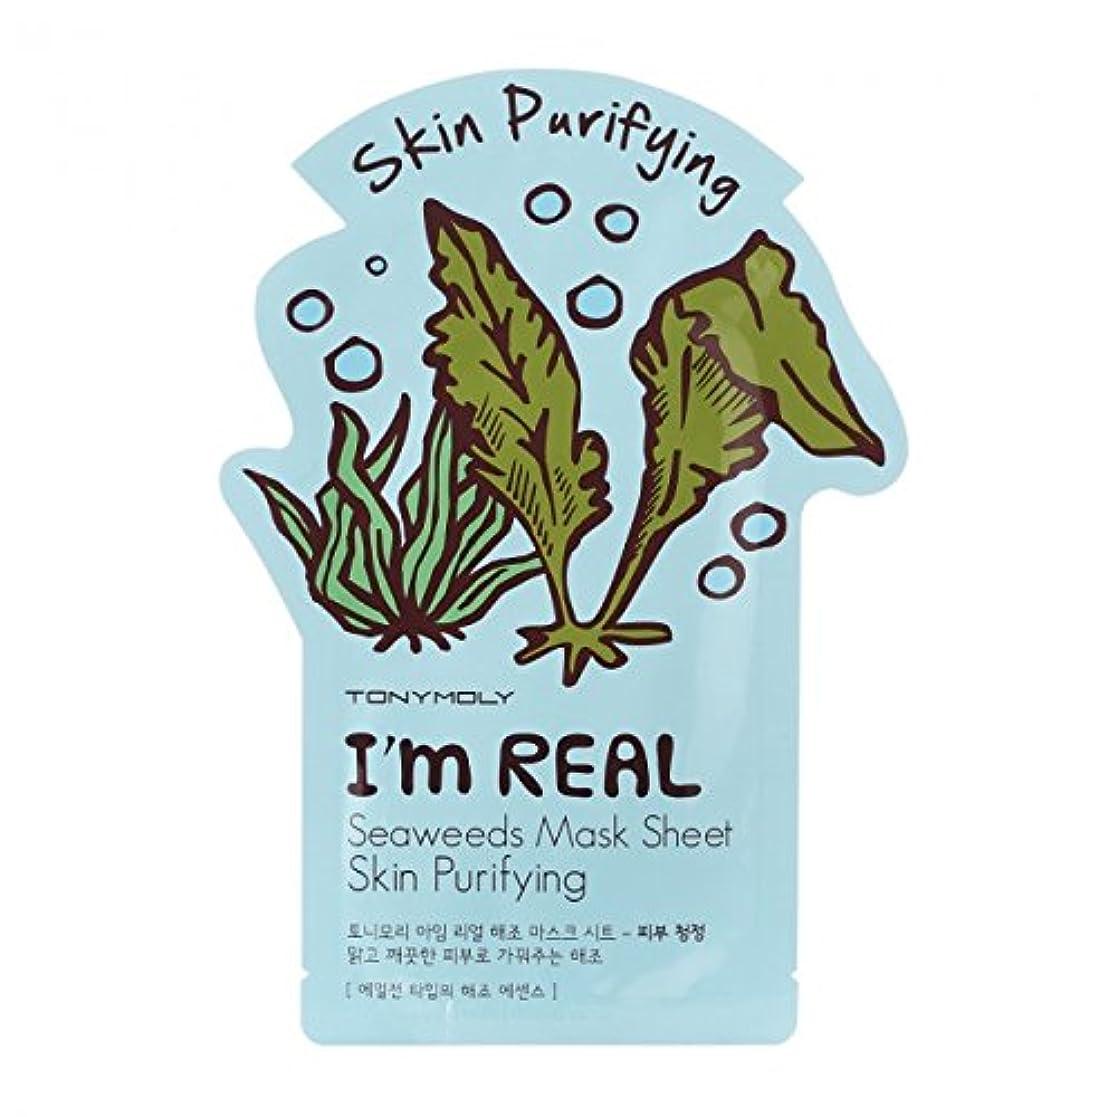 消化グレー成功する(3 Pack) TONYMOLY I'm Real Seaweeds Mask Sheet Skin Purifying (並行輸入品)